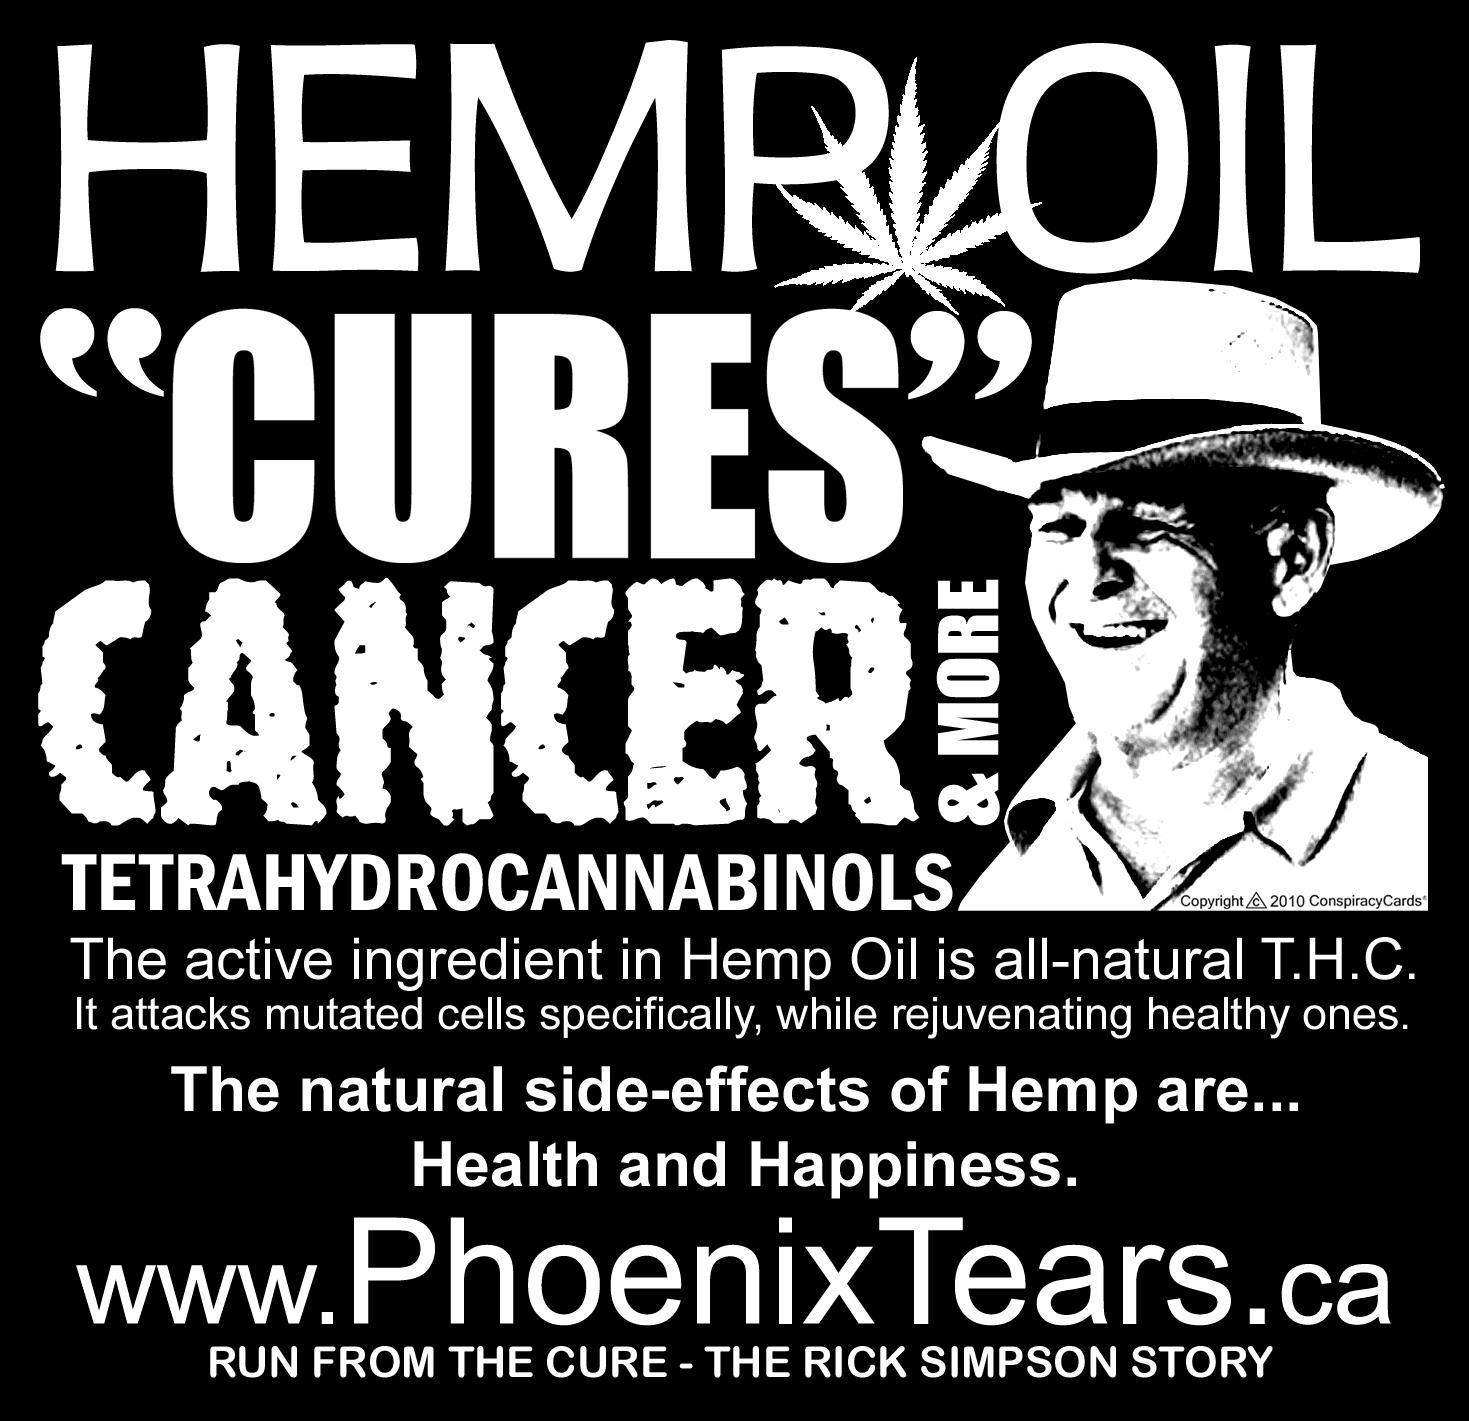 Cannabis contro cancer